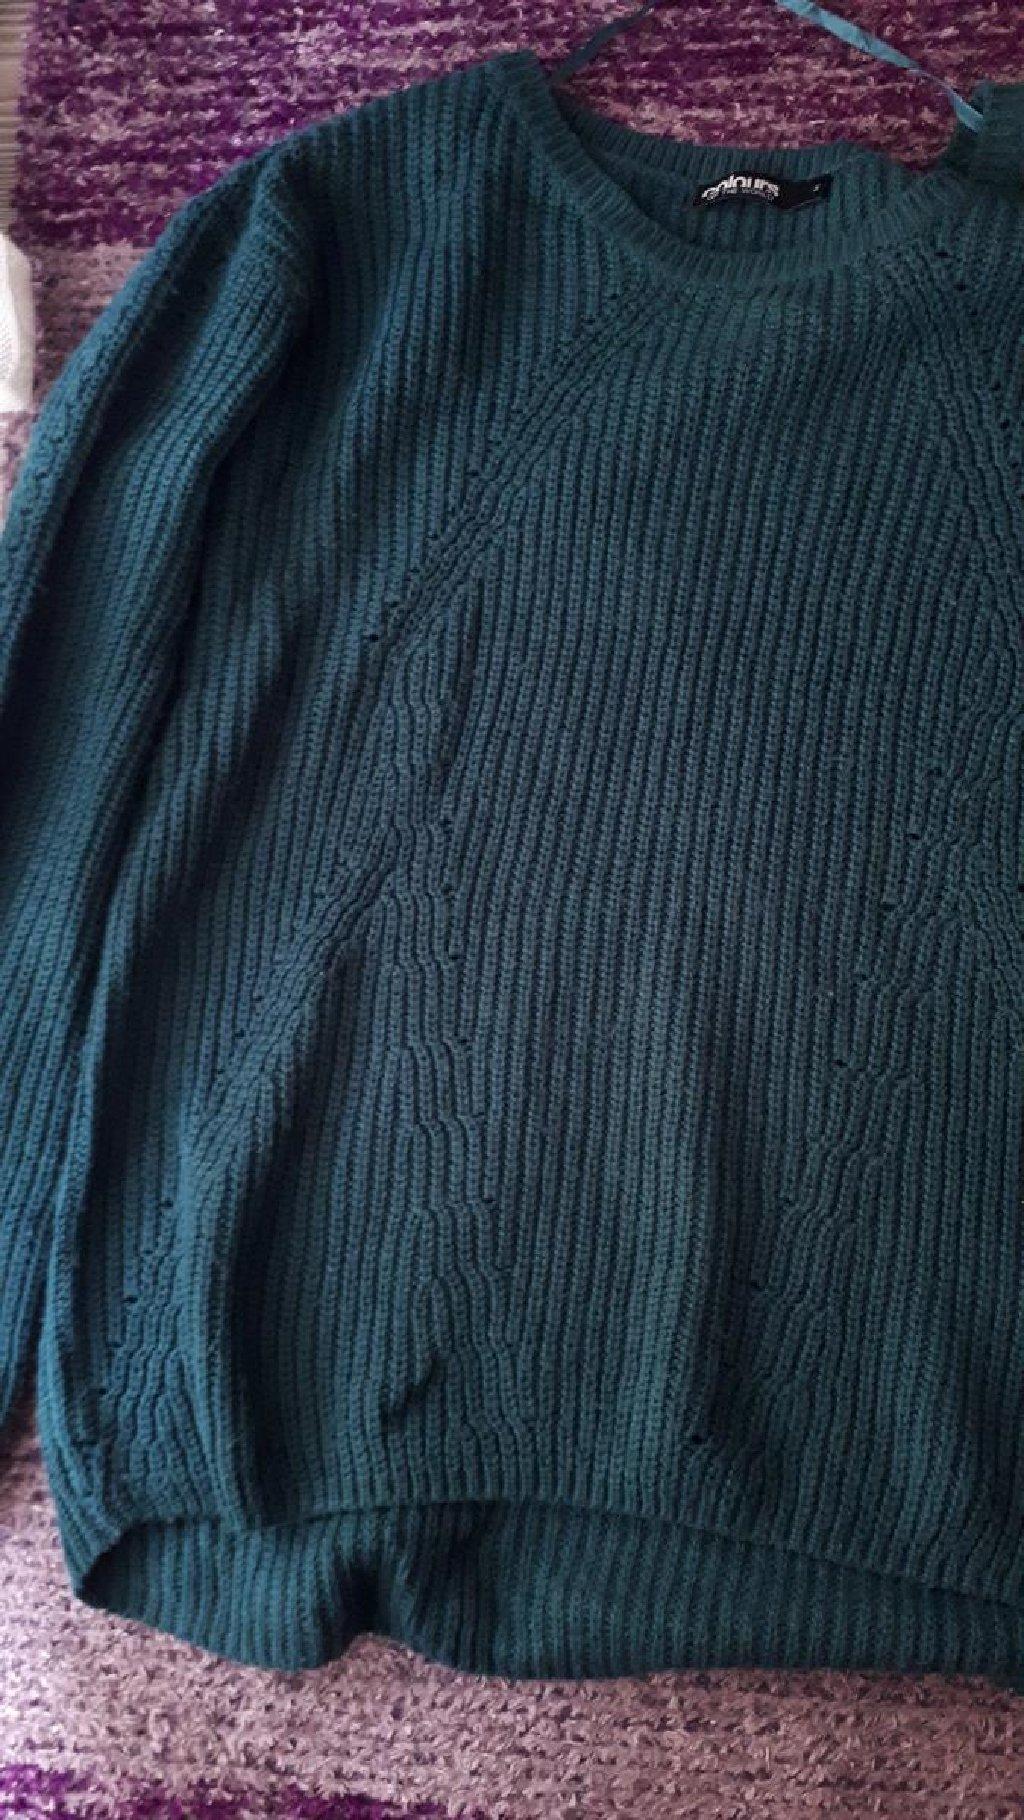 Πανεμορφη πλεκτη μπλουζα κυπαρισσι! Καλυπτει Μ και L. Αψογη κατασταση!